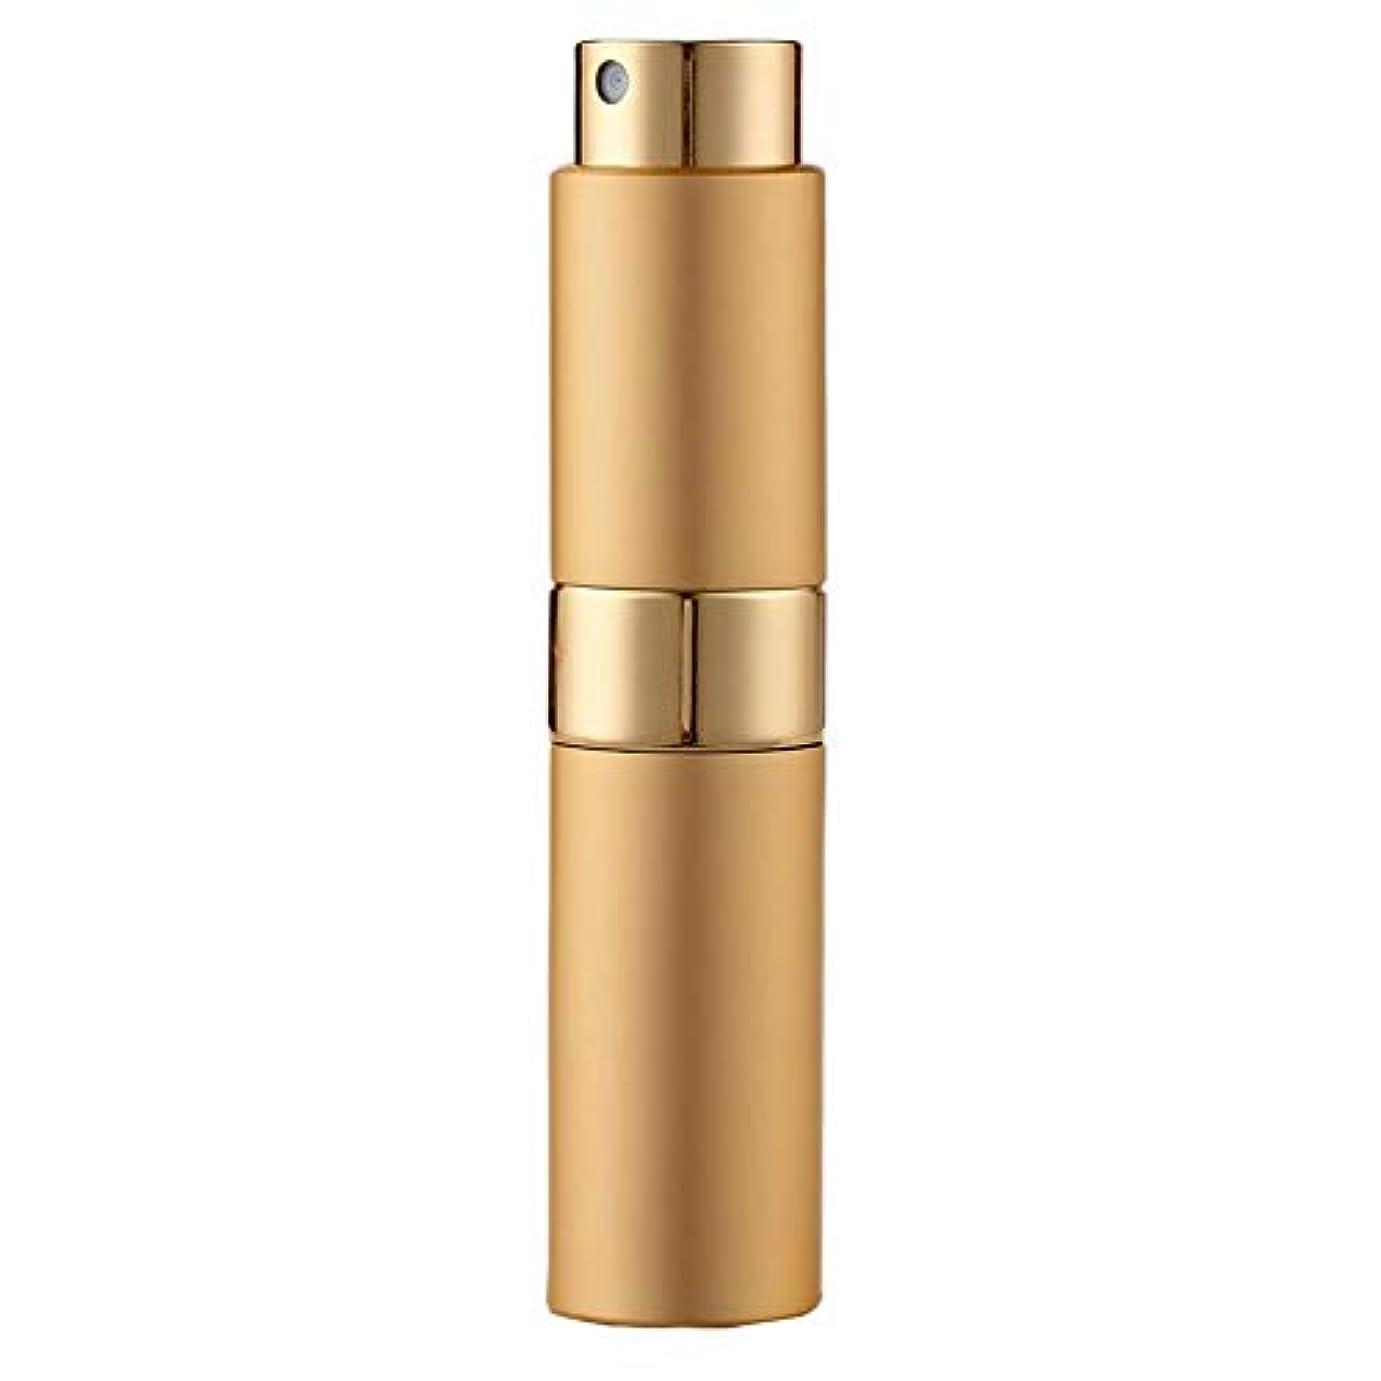 サイズ安西経験Ladygogo 香水アトマイザーセット 回転プッシュ式 スプレー ボトル 香水スプレー 詰め替え 持ち運び 身だしなみ 携帯用 男女兼用 (ゴールド)